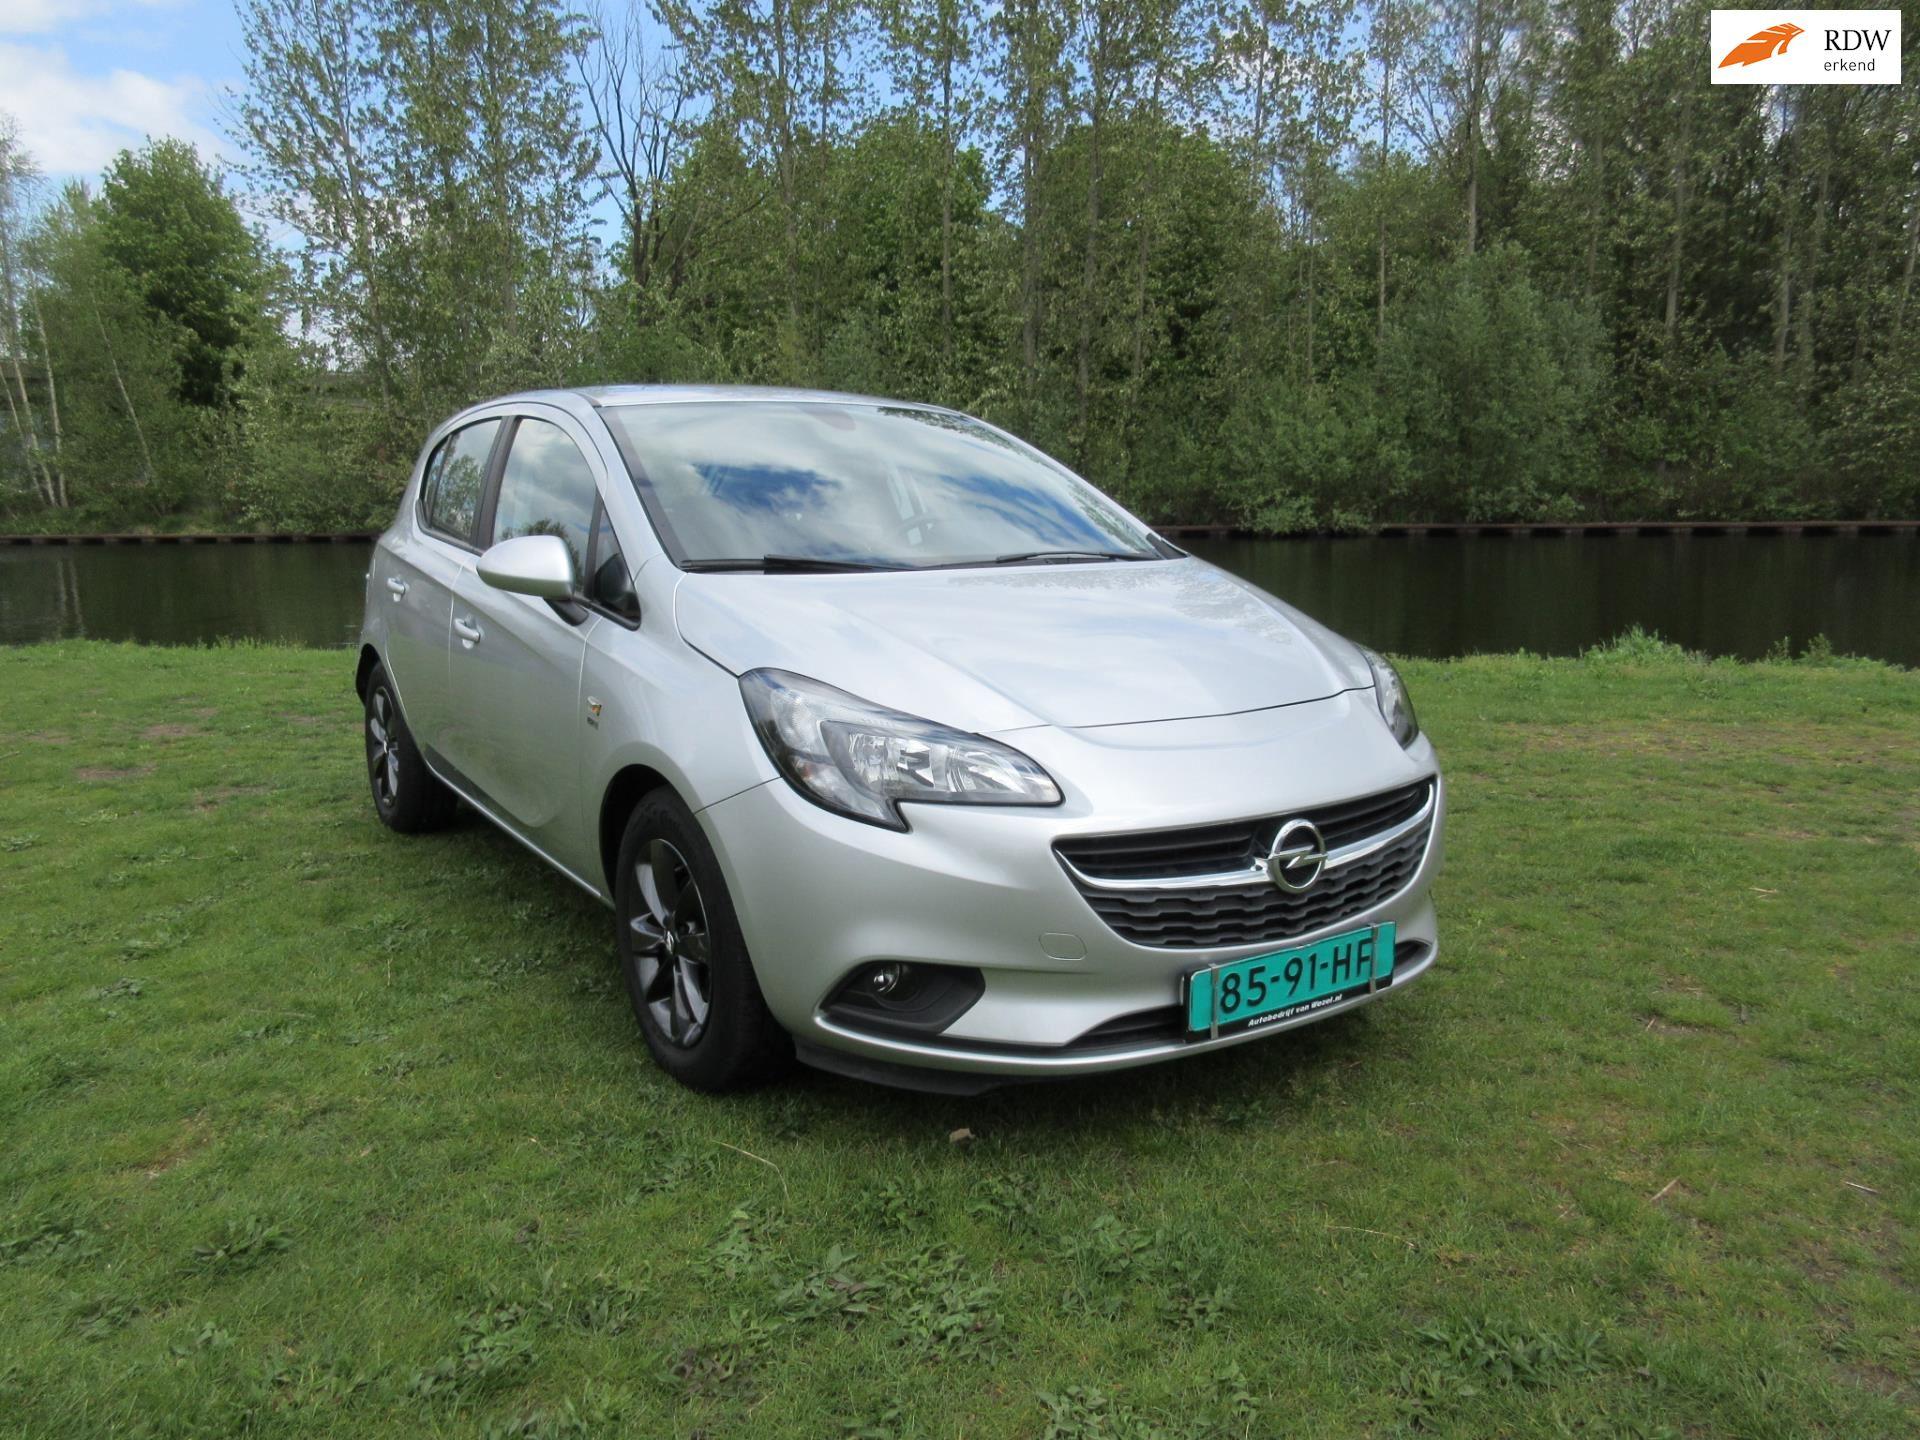 Opel Corsa occasion - Autobedrijf van Wezel